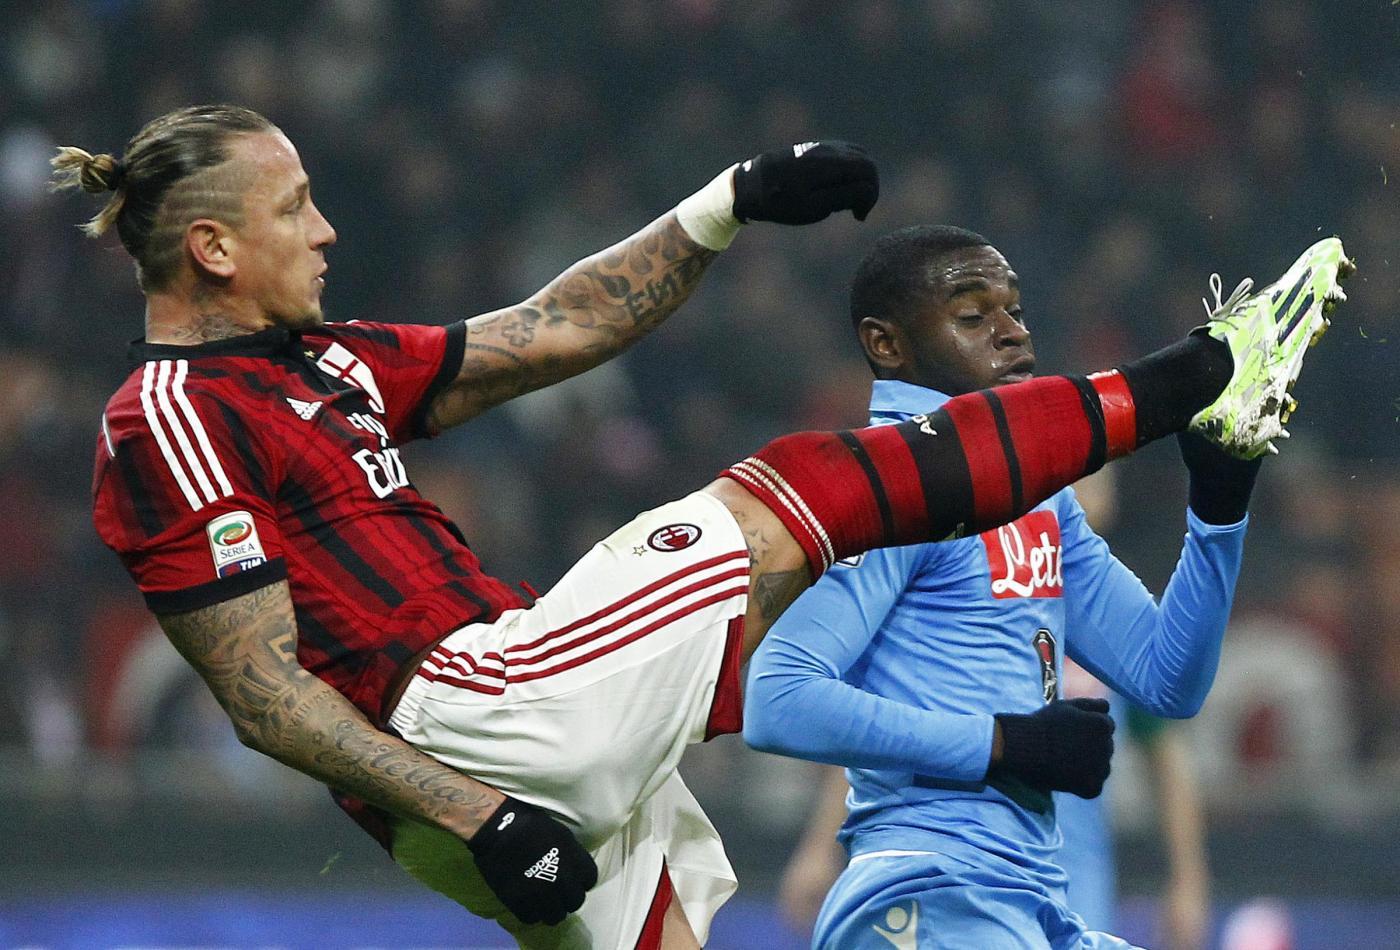 Napoli vs Milan 3-0: rossoneri in dieci per tutto il match